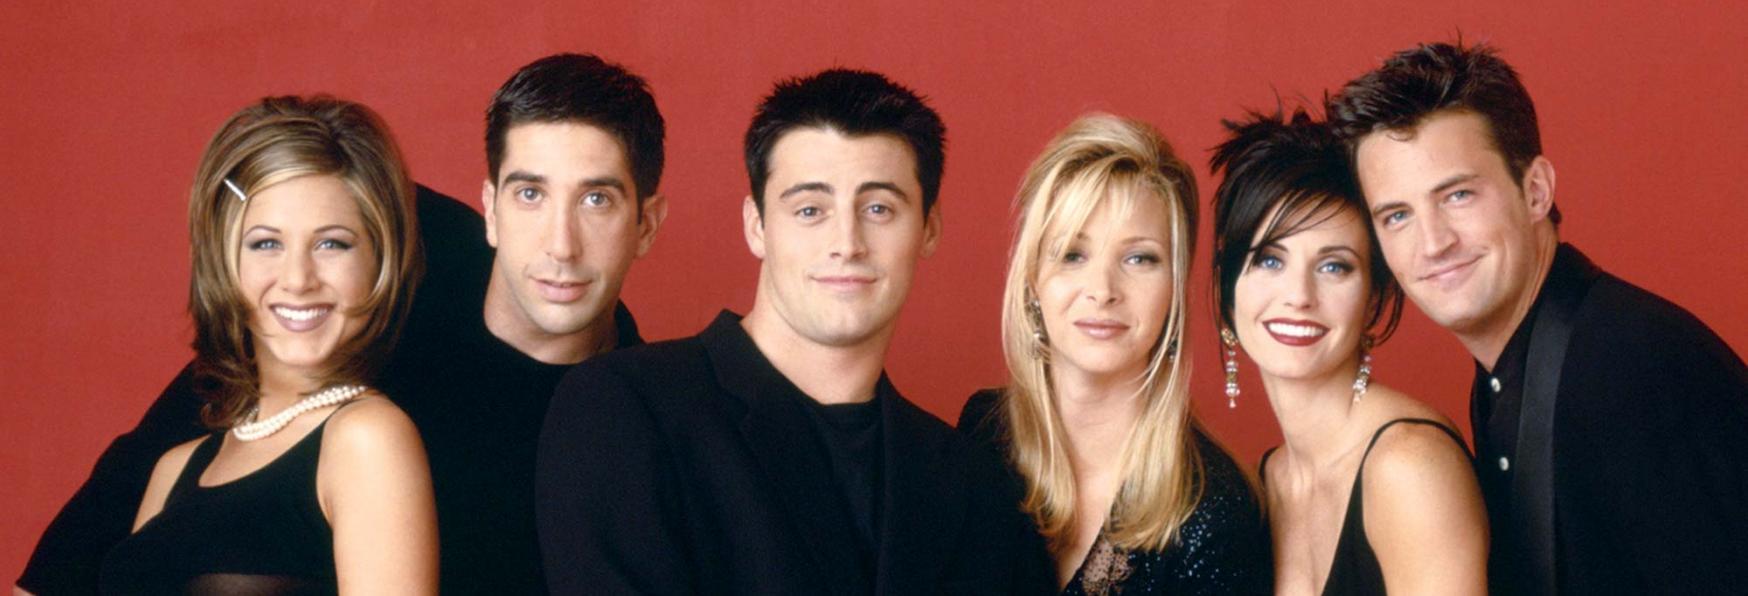 Friends: la Reunion arriva su Sky e NOW in contemporanea con gli Stati Uniti